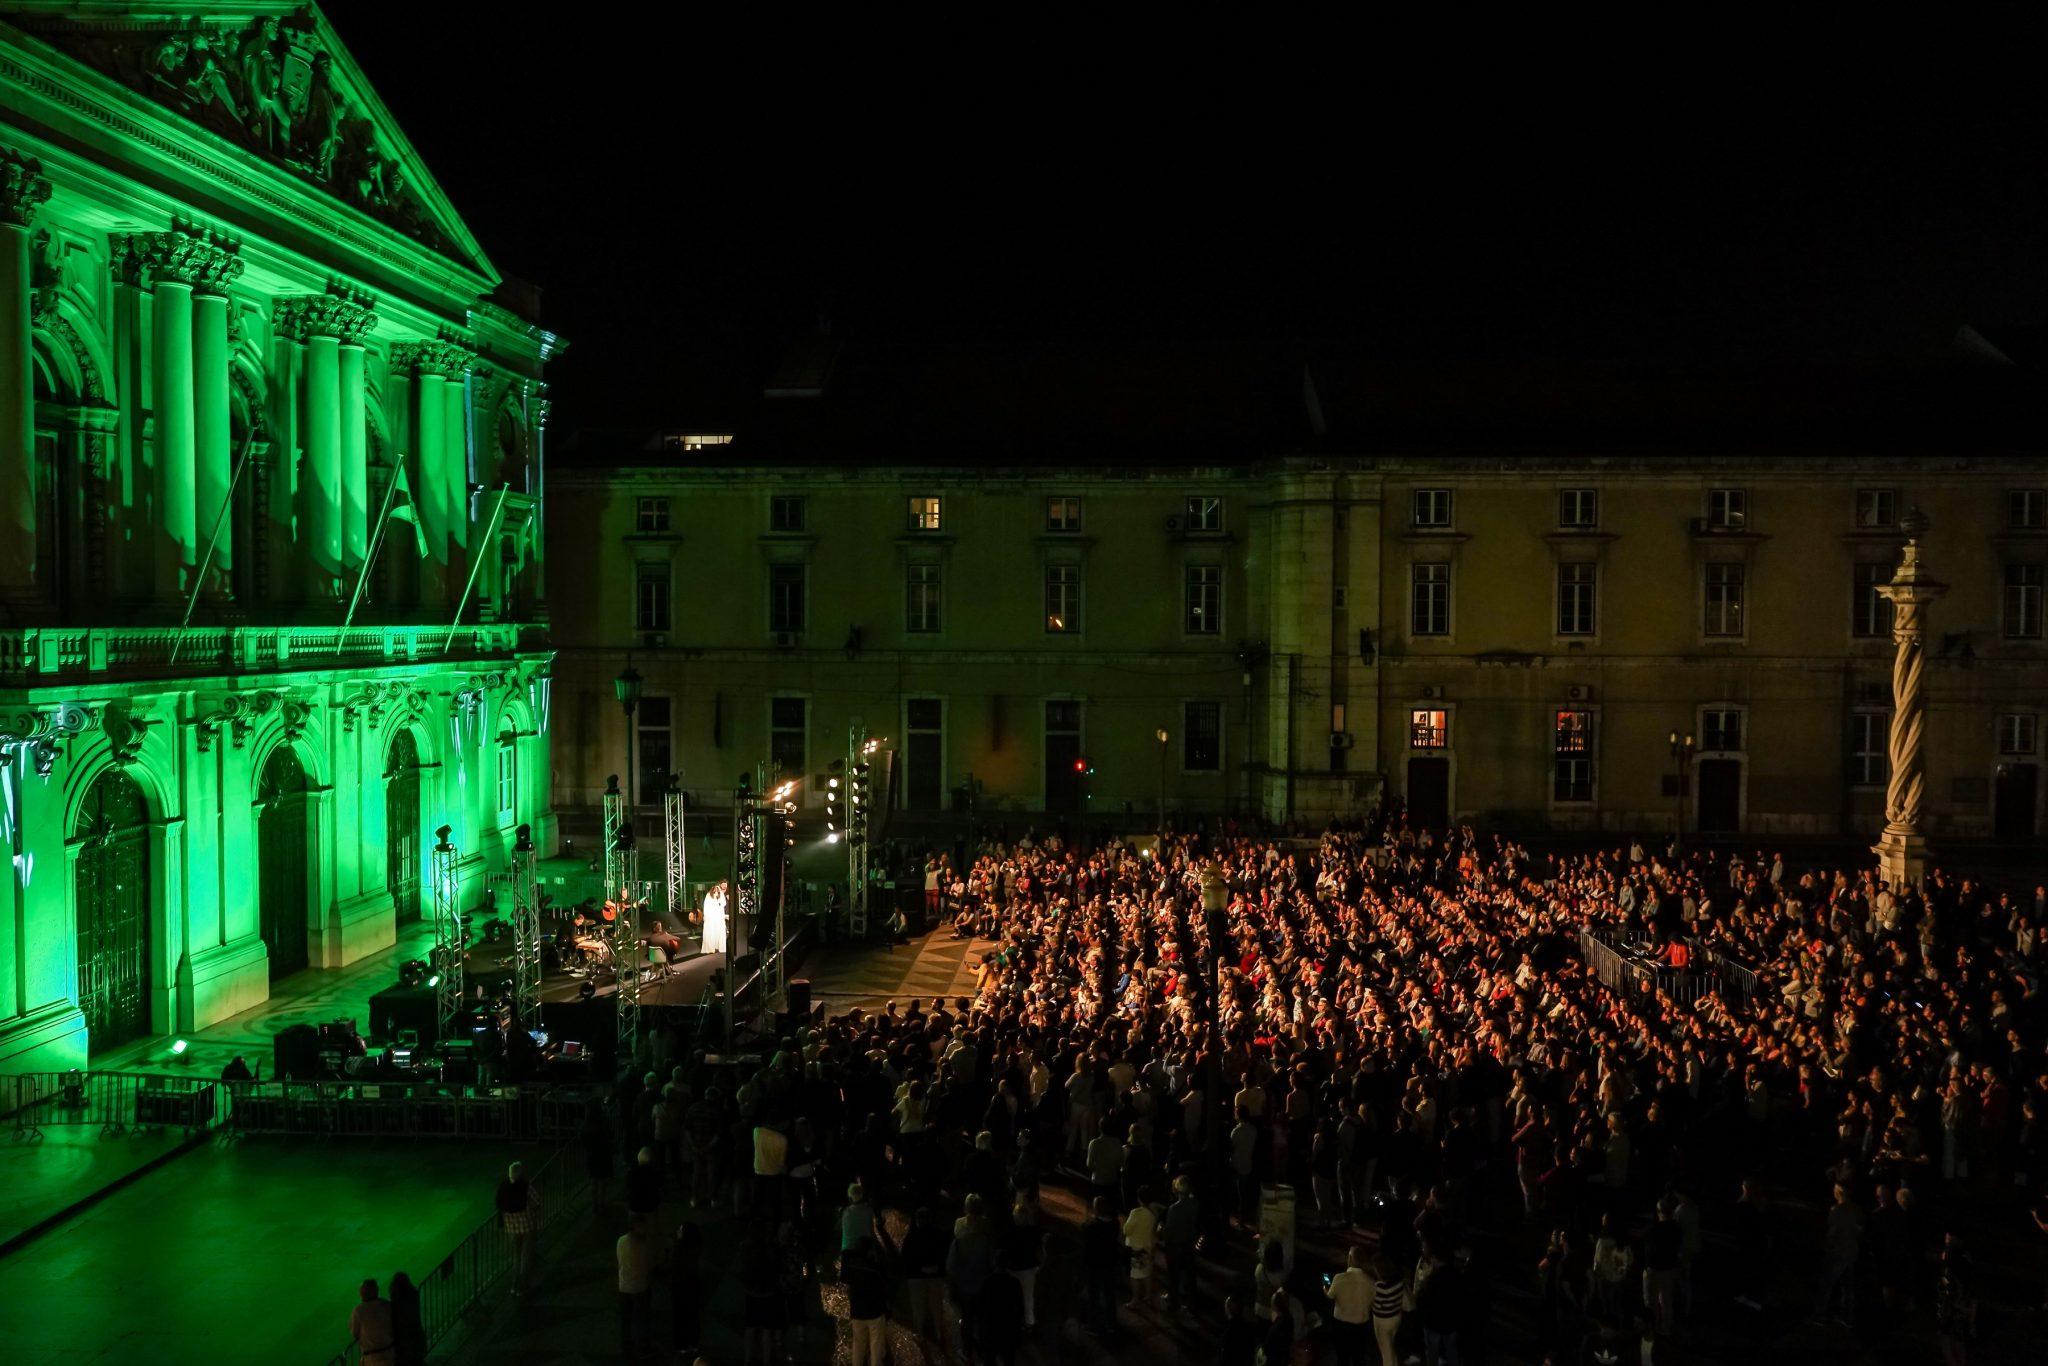 Plano lateral da Praça do Município, com os Paços do Concelho iluminados a verde. Dezenas de pessoas assistem ao concerto de Sara Correia